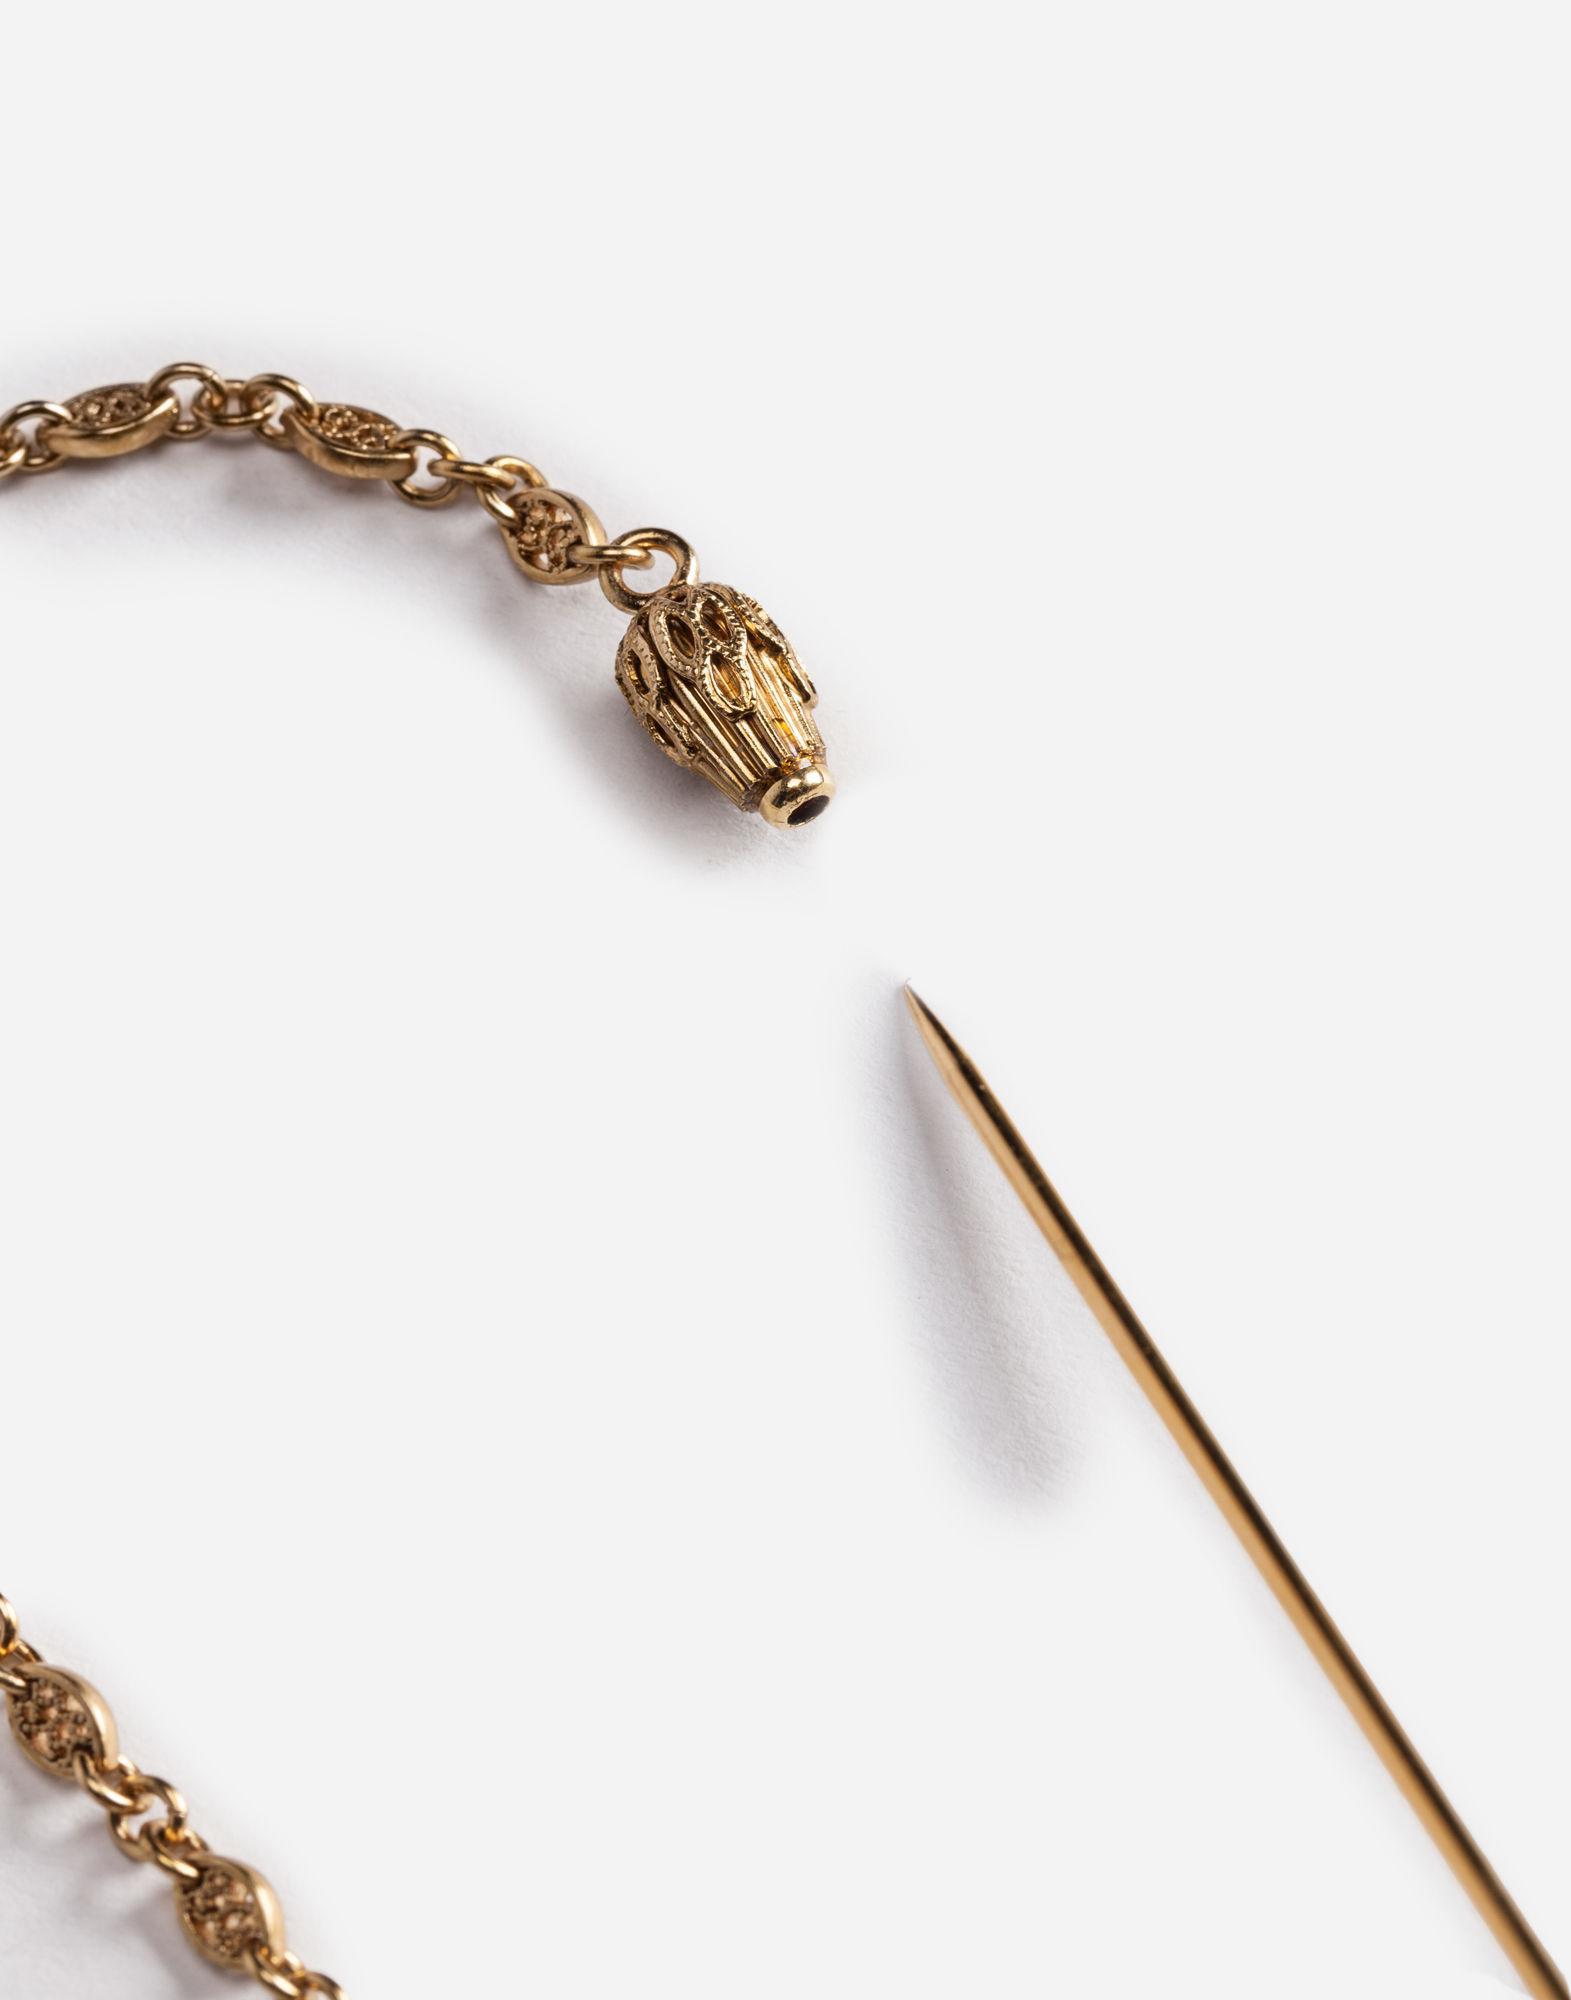 Dolce & Gabbana Metallic Metal Lapel Pin With Emblem